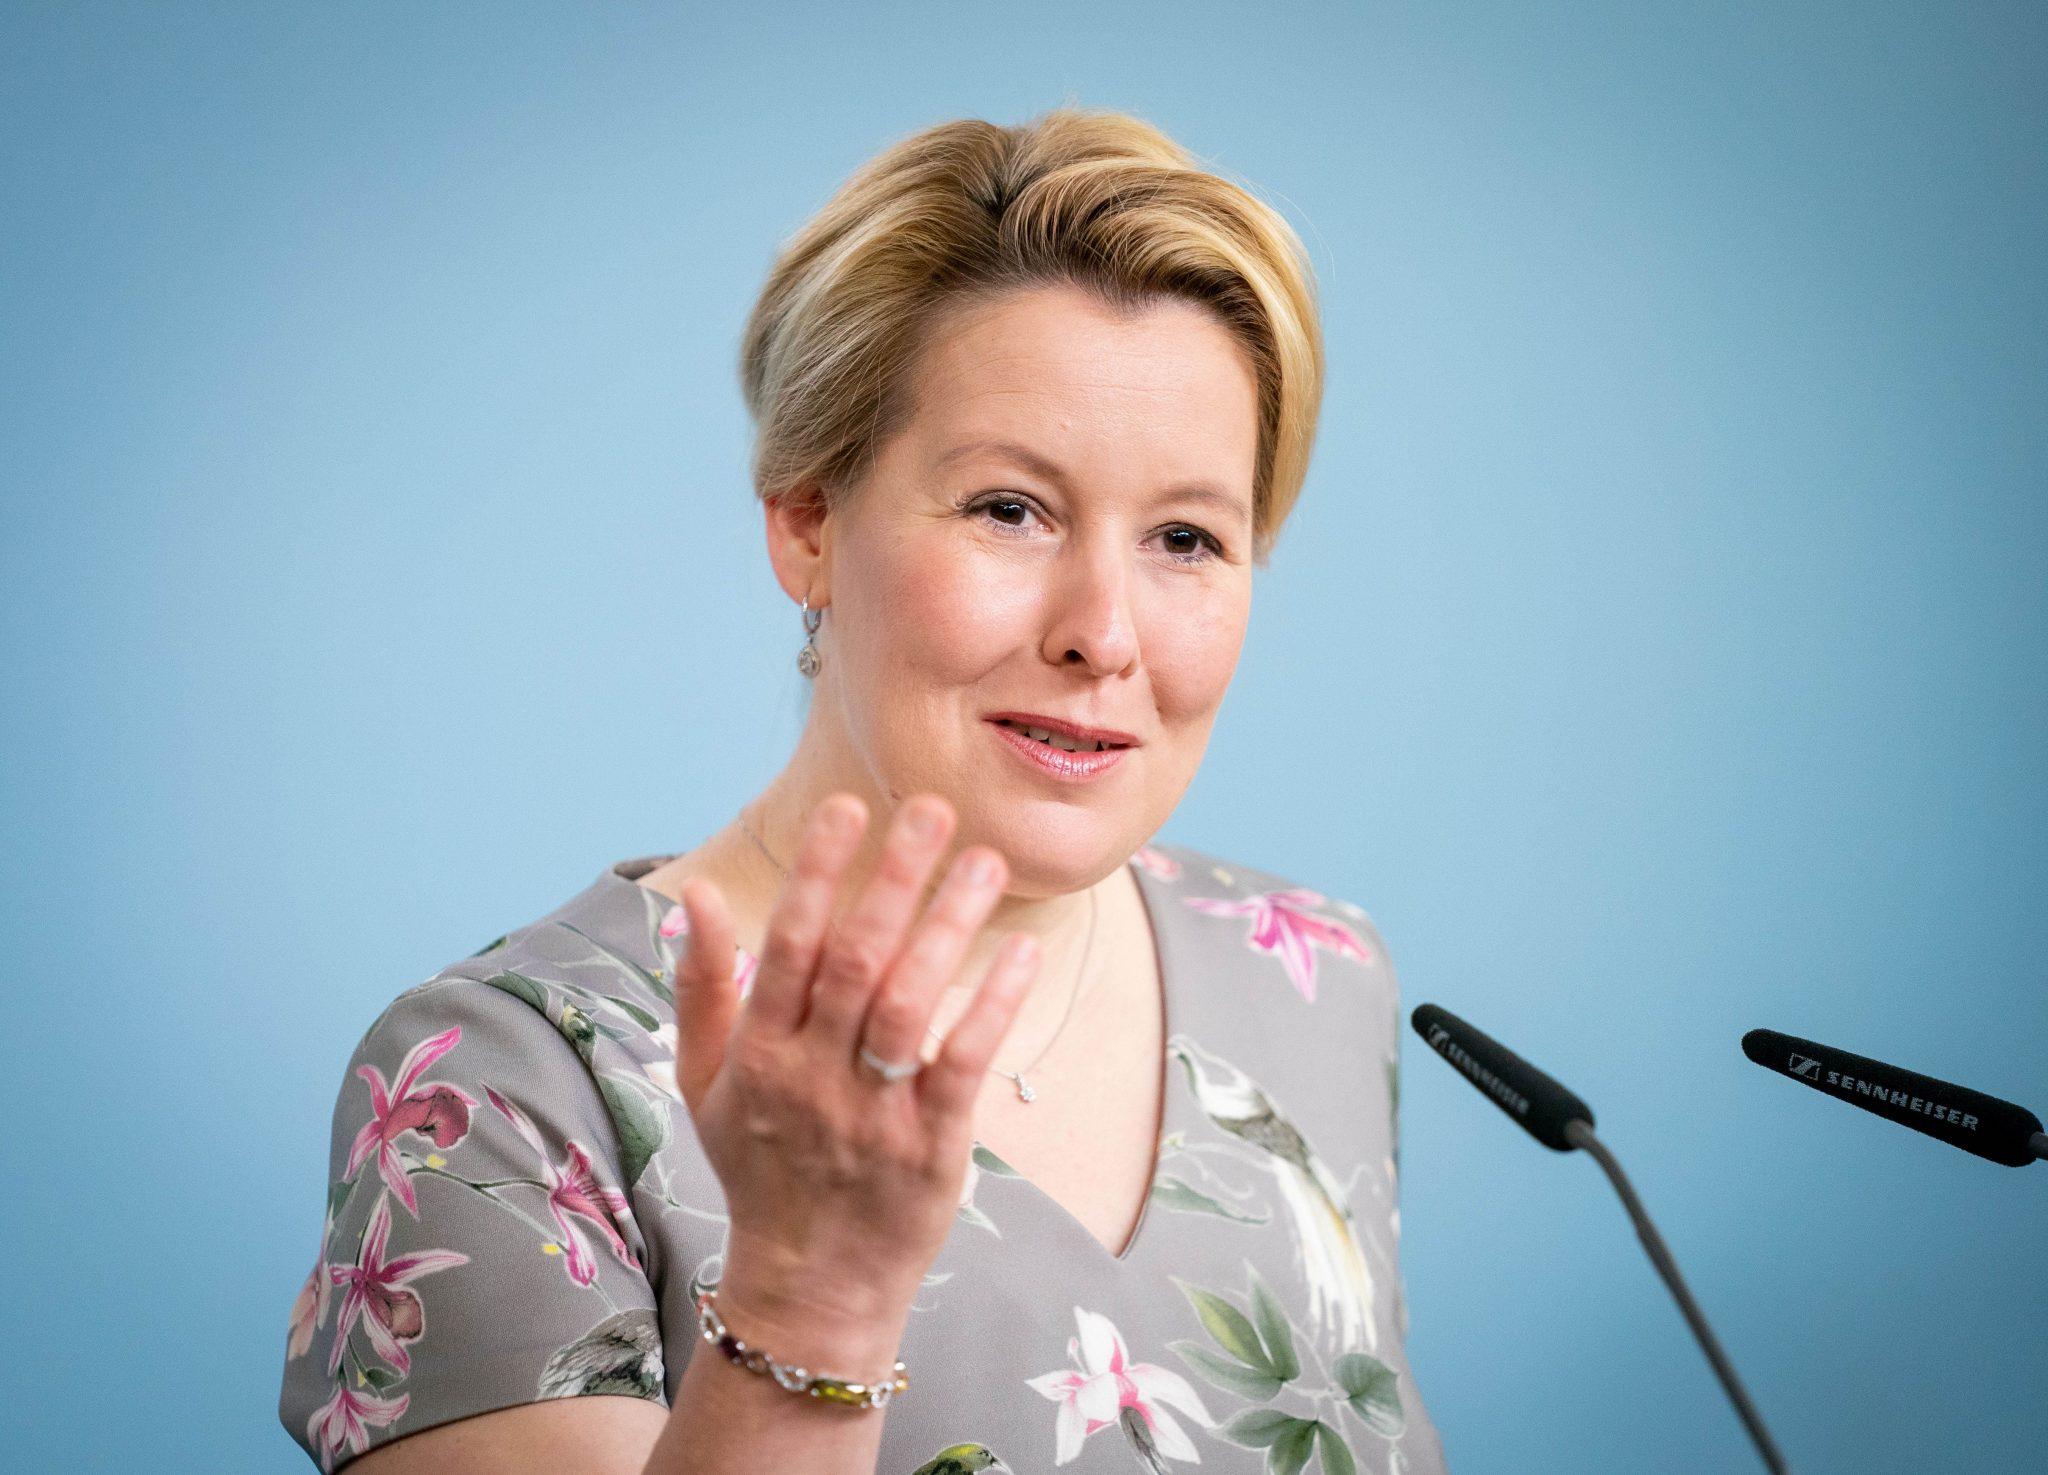 Bundesfamilienministerin Franziska Giffey (SPD) verlangt mehr Frauen in Führungspositionen von Unternehmen Foto: picture alliance/Kay Nietfeld/dpa